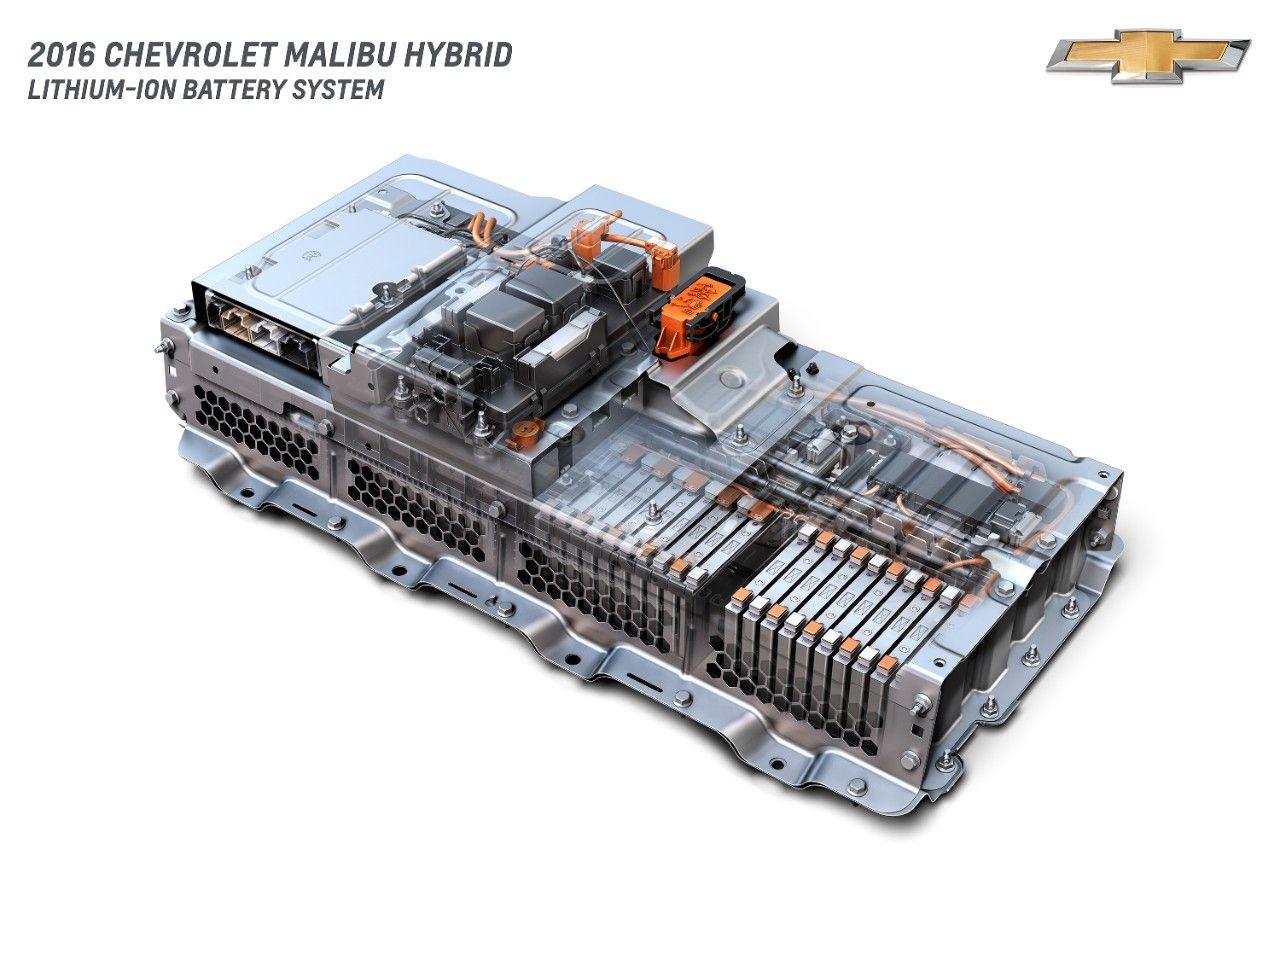 2016 Chevrolet Malibu Hybrid Lithium Ion Battery System Malibu Hybrid Chevrolet Malibu Chevy Malibu Hybrid